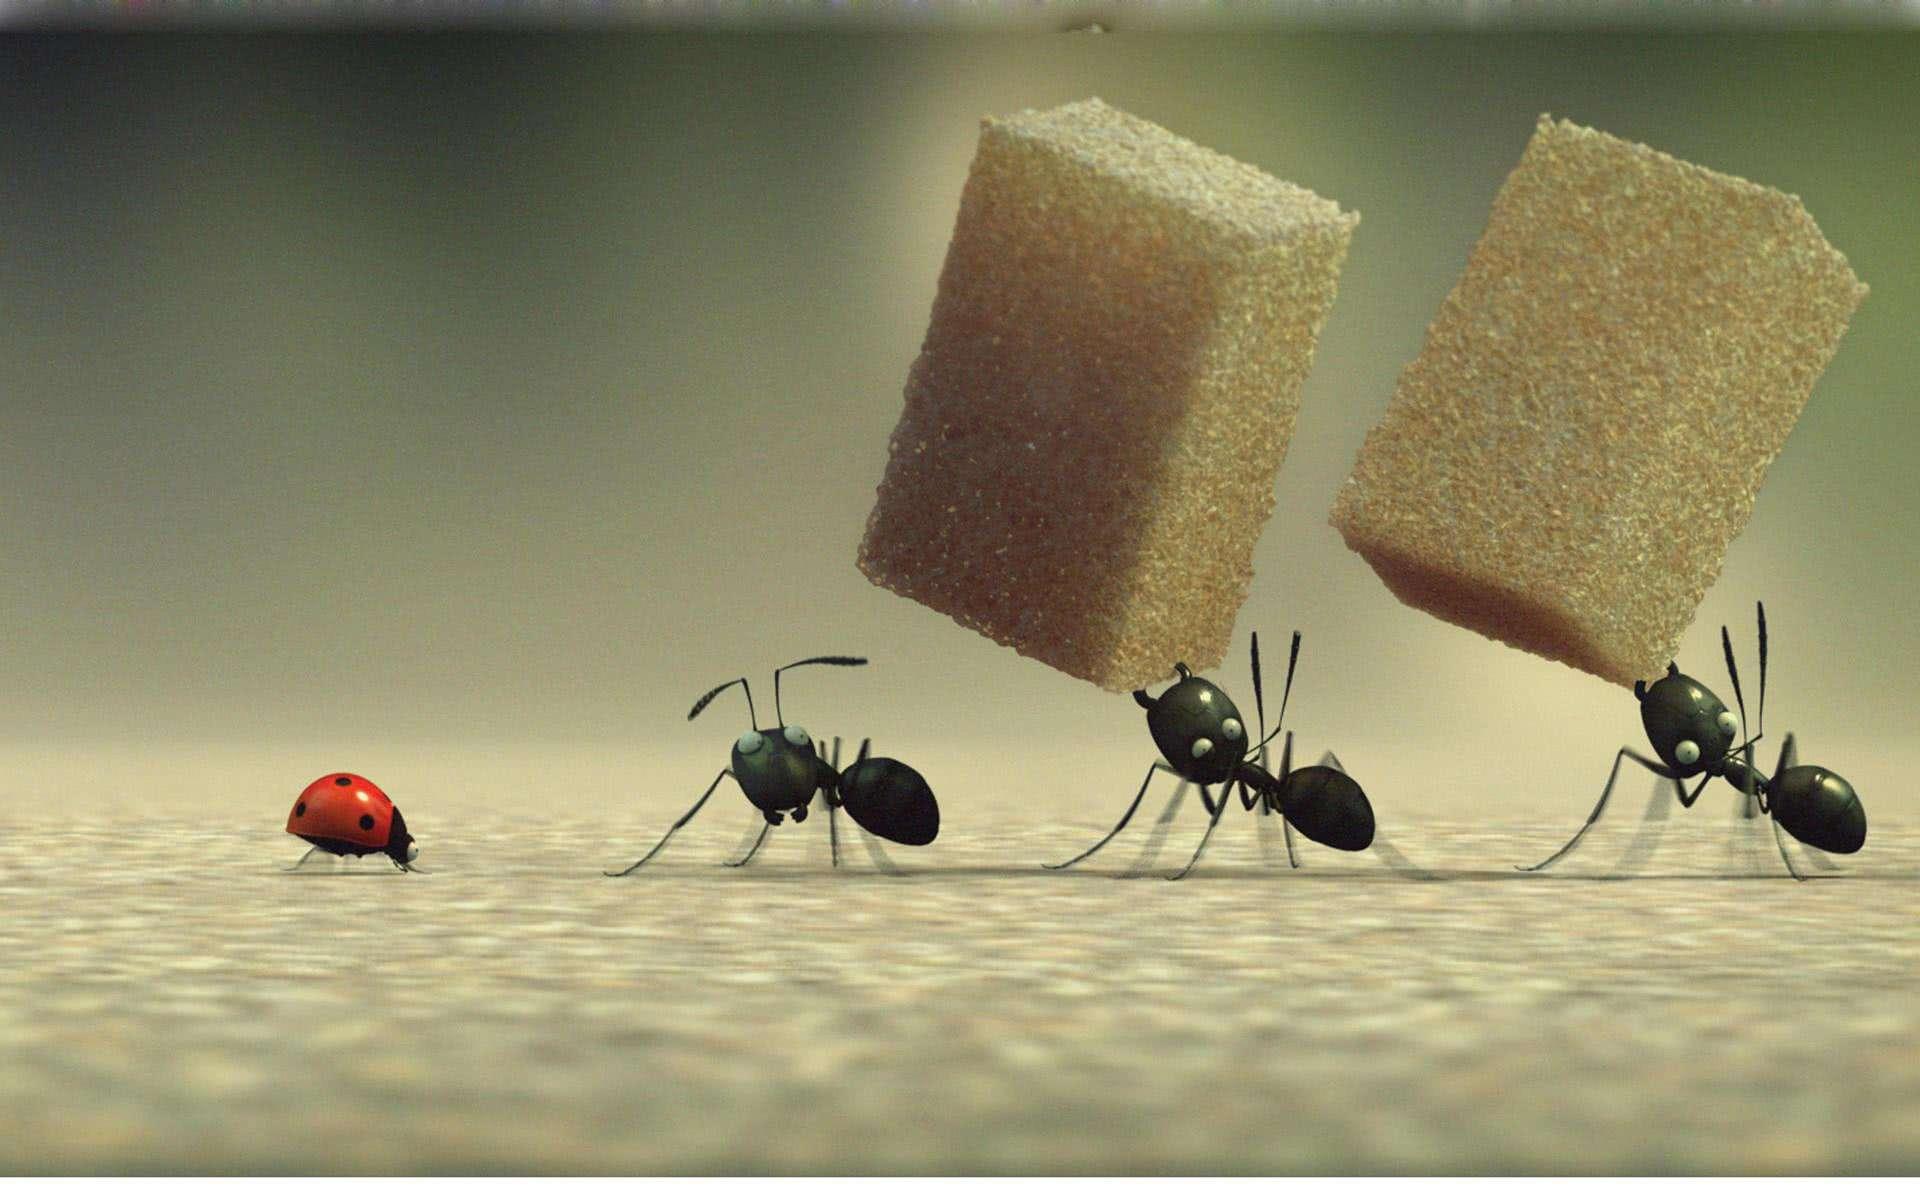 蚂蚁搬东西简笔画彩色